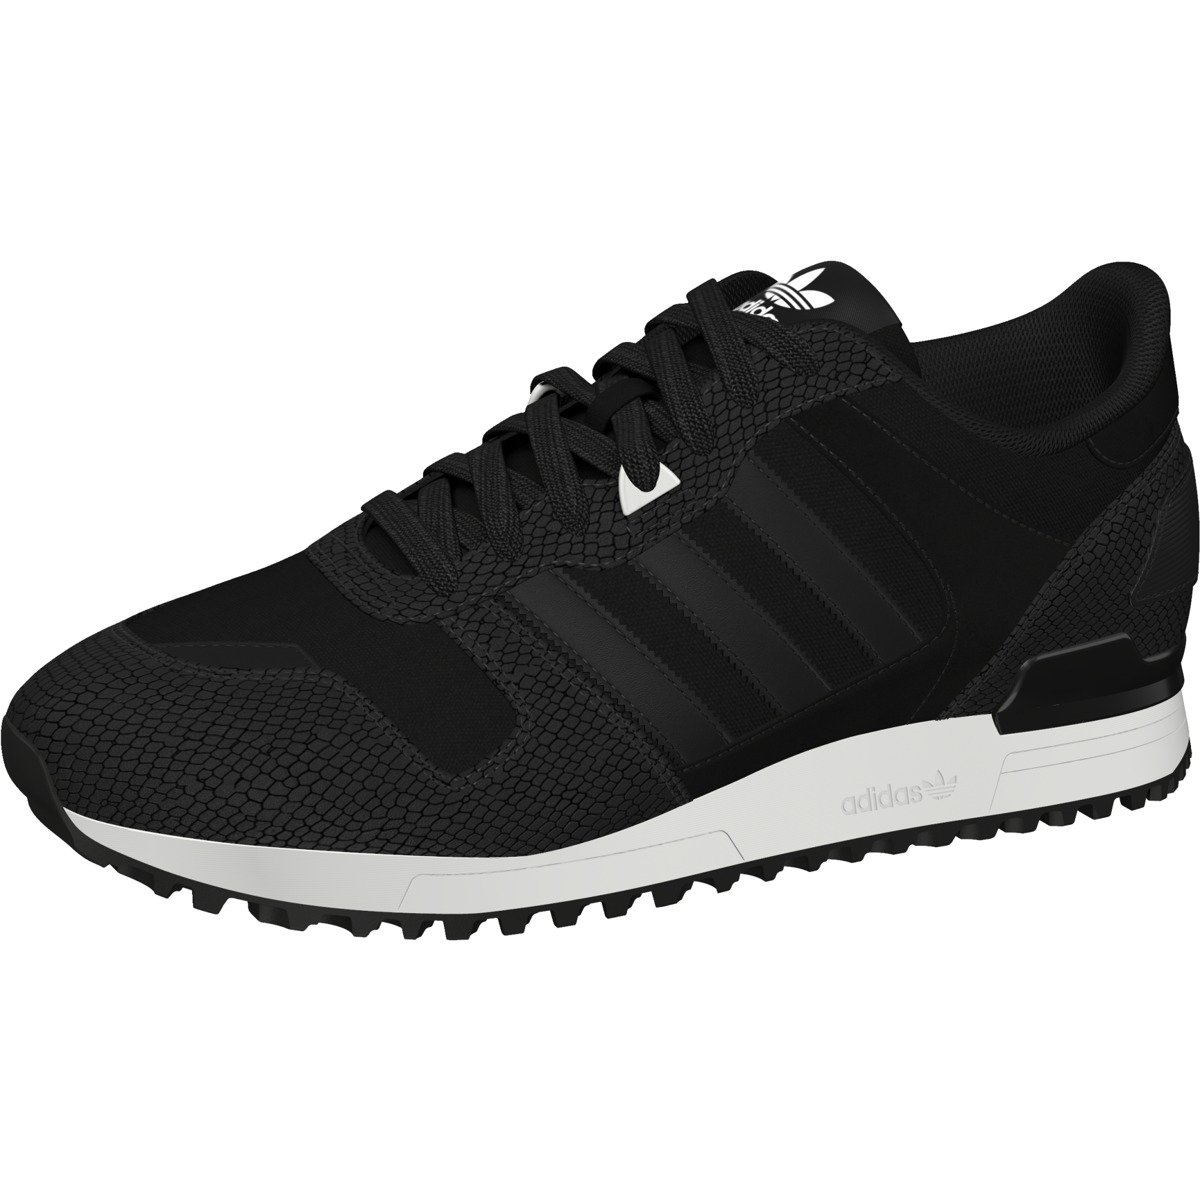 adidas zx damskie